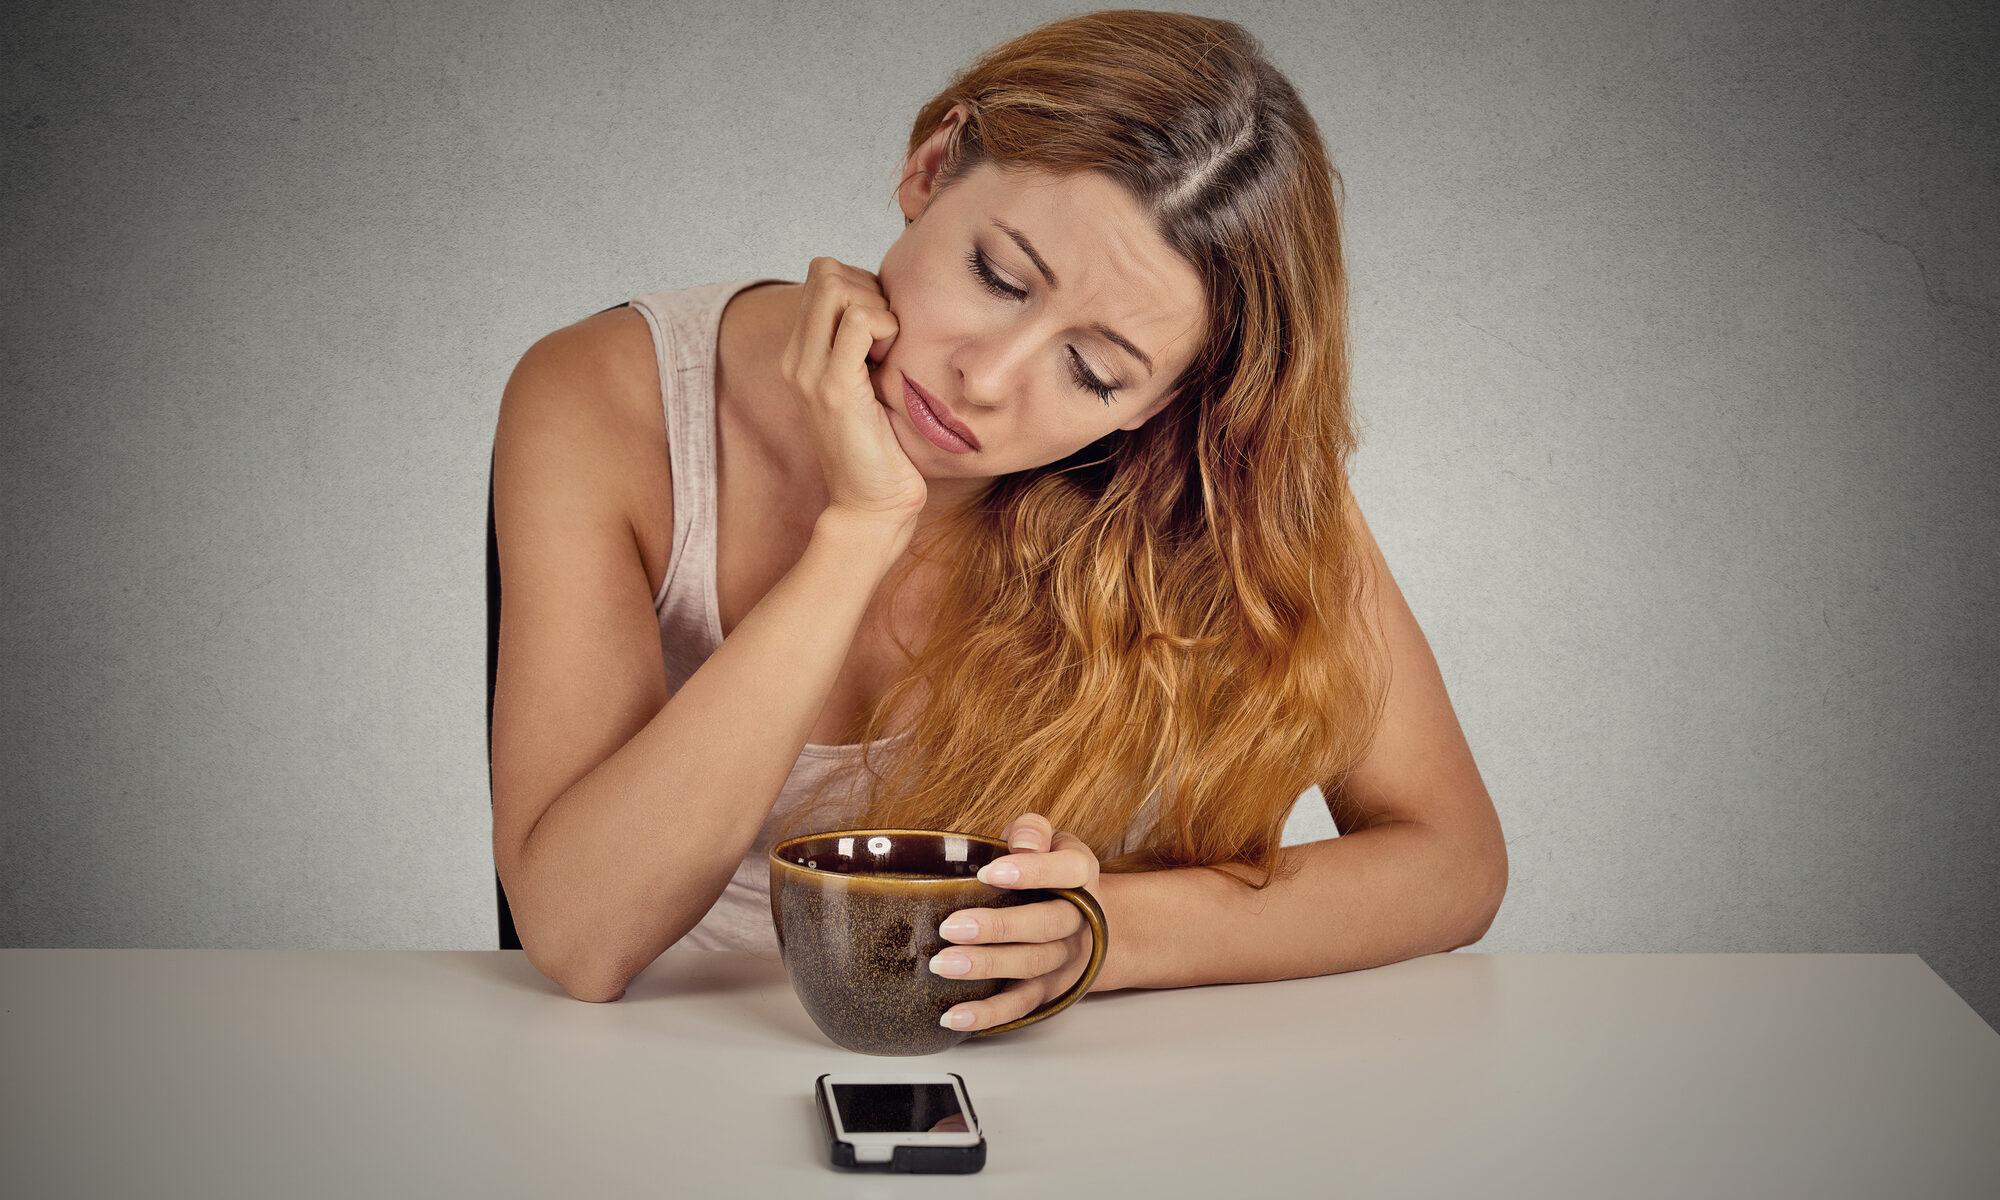 Frau sitzt wartent vor dem Handy